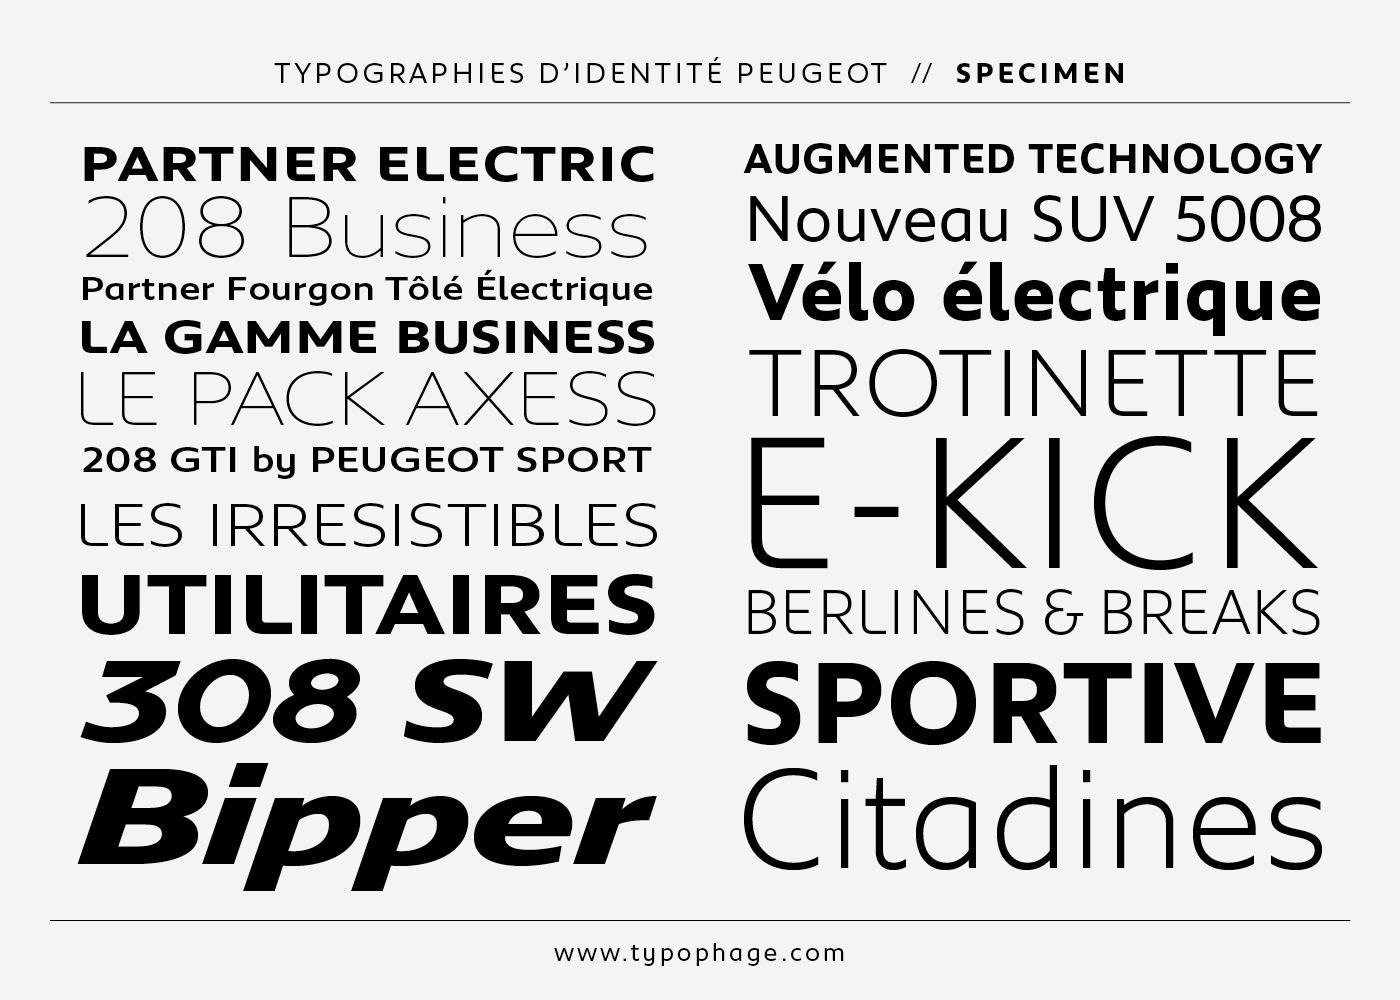 Typographies d'identité Peugeot. Spécimen de caractères typographiques.